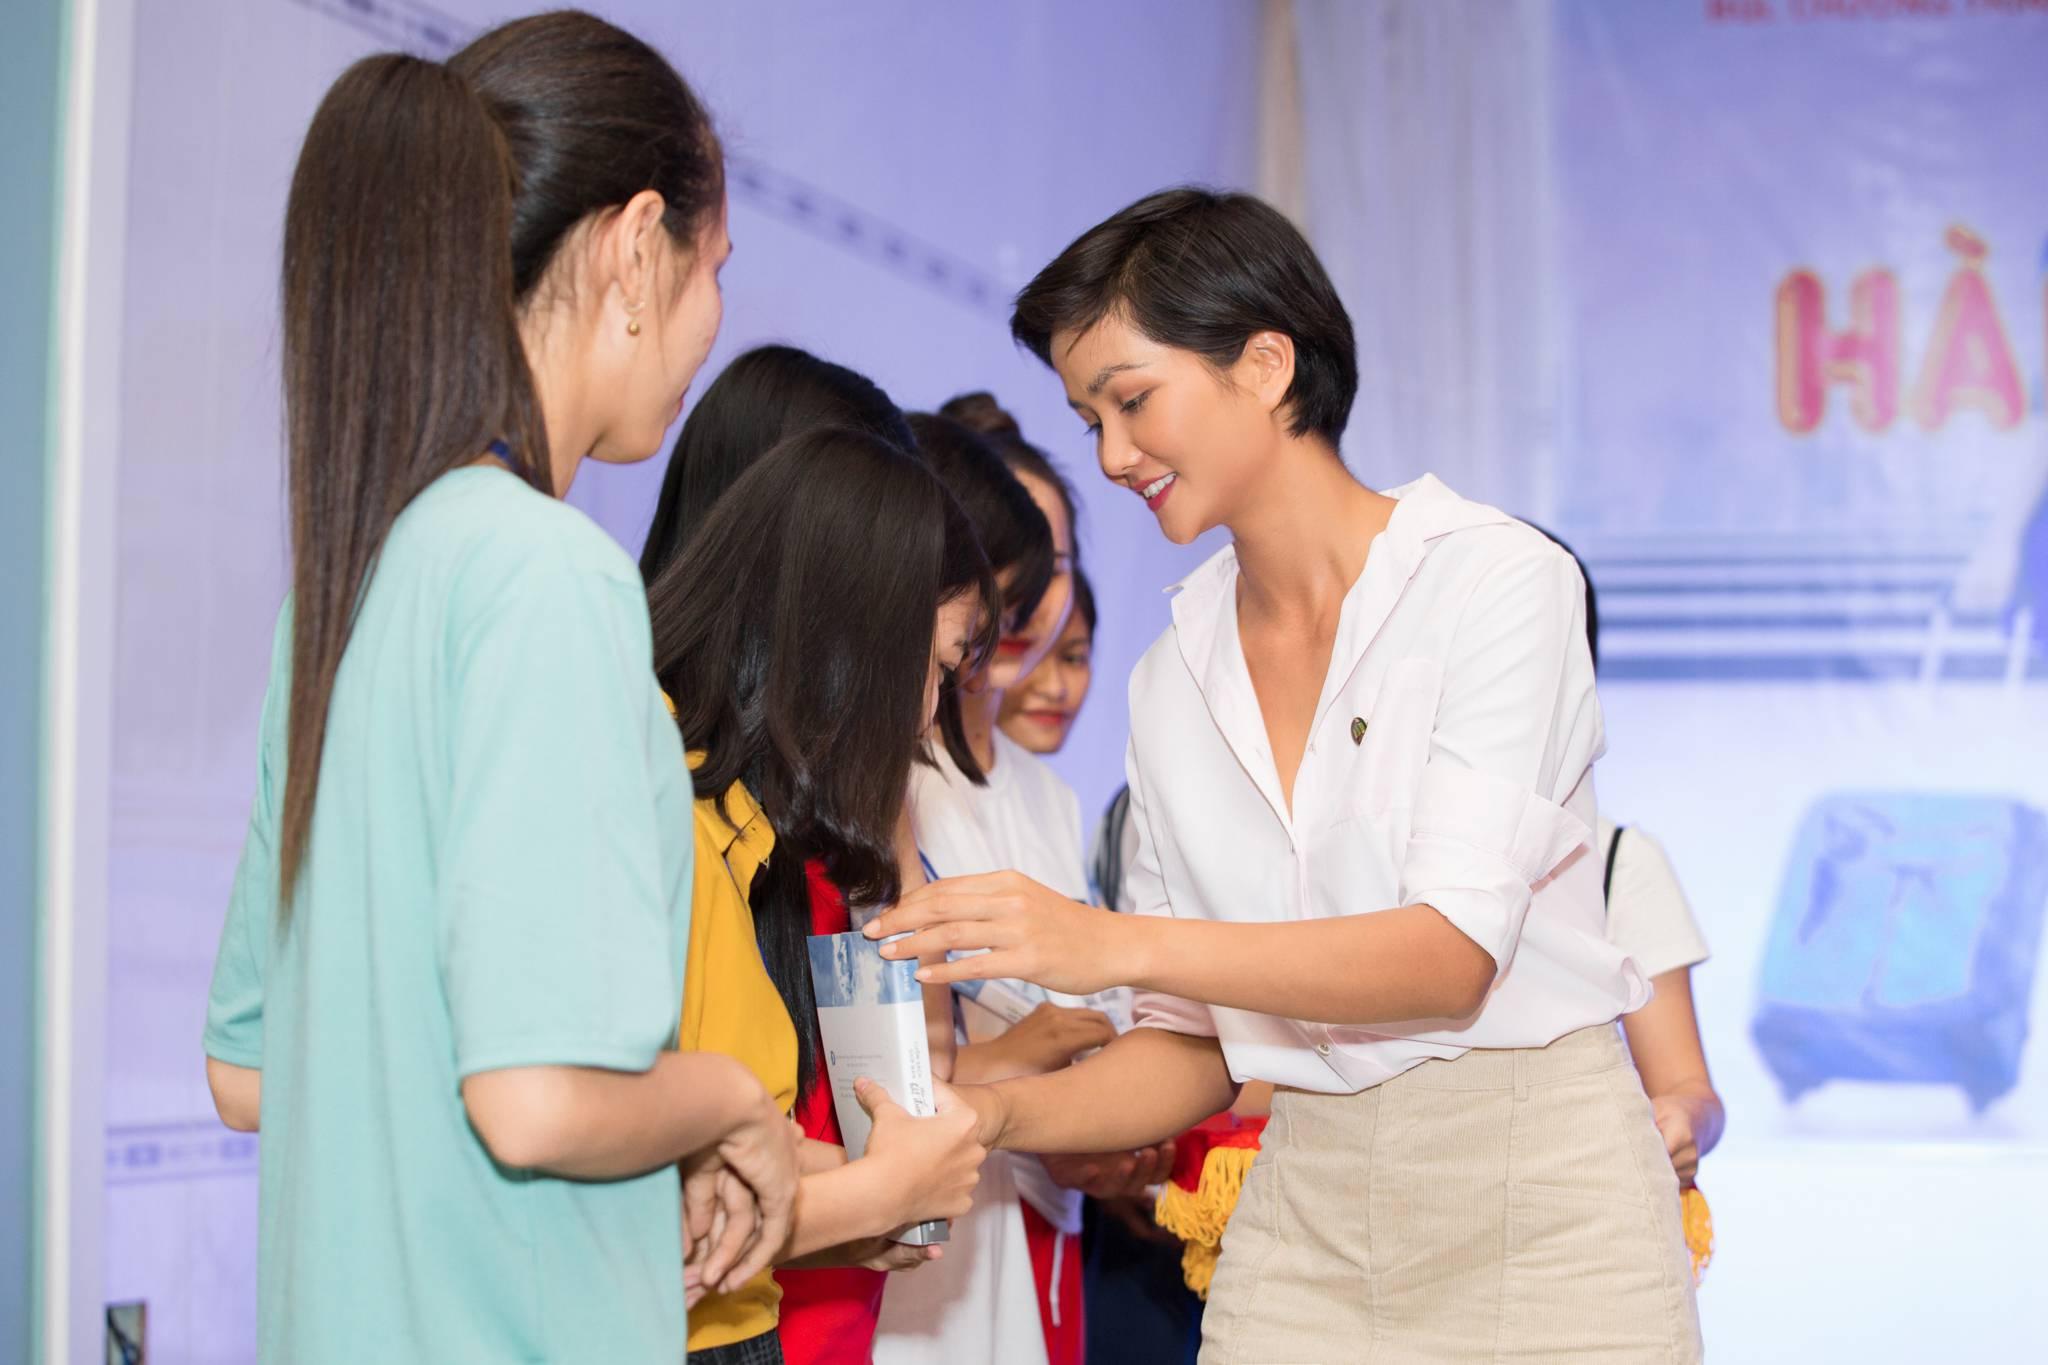 Hoa Hau HHen Nie_Tham gia trai he nu sinh tai Vinh Long (1)